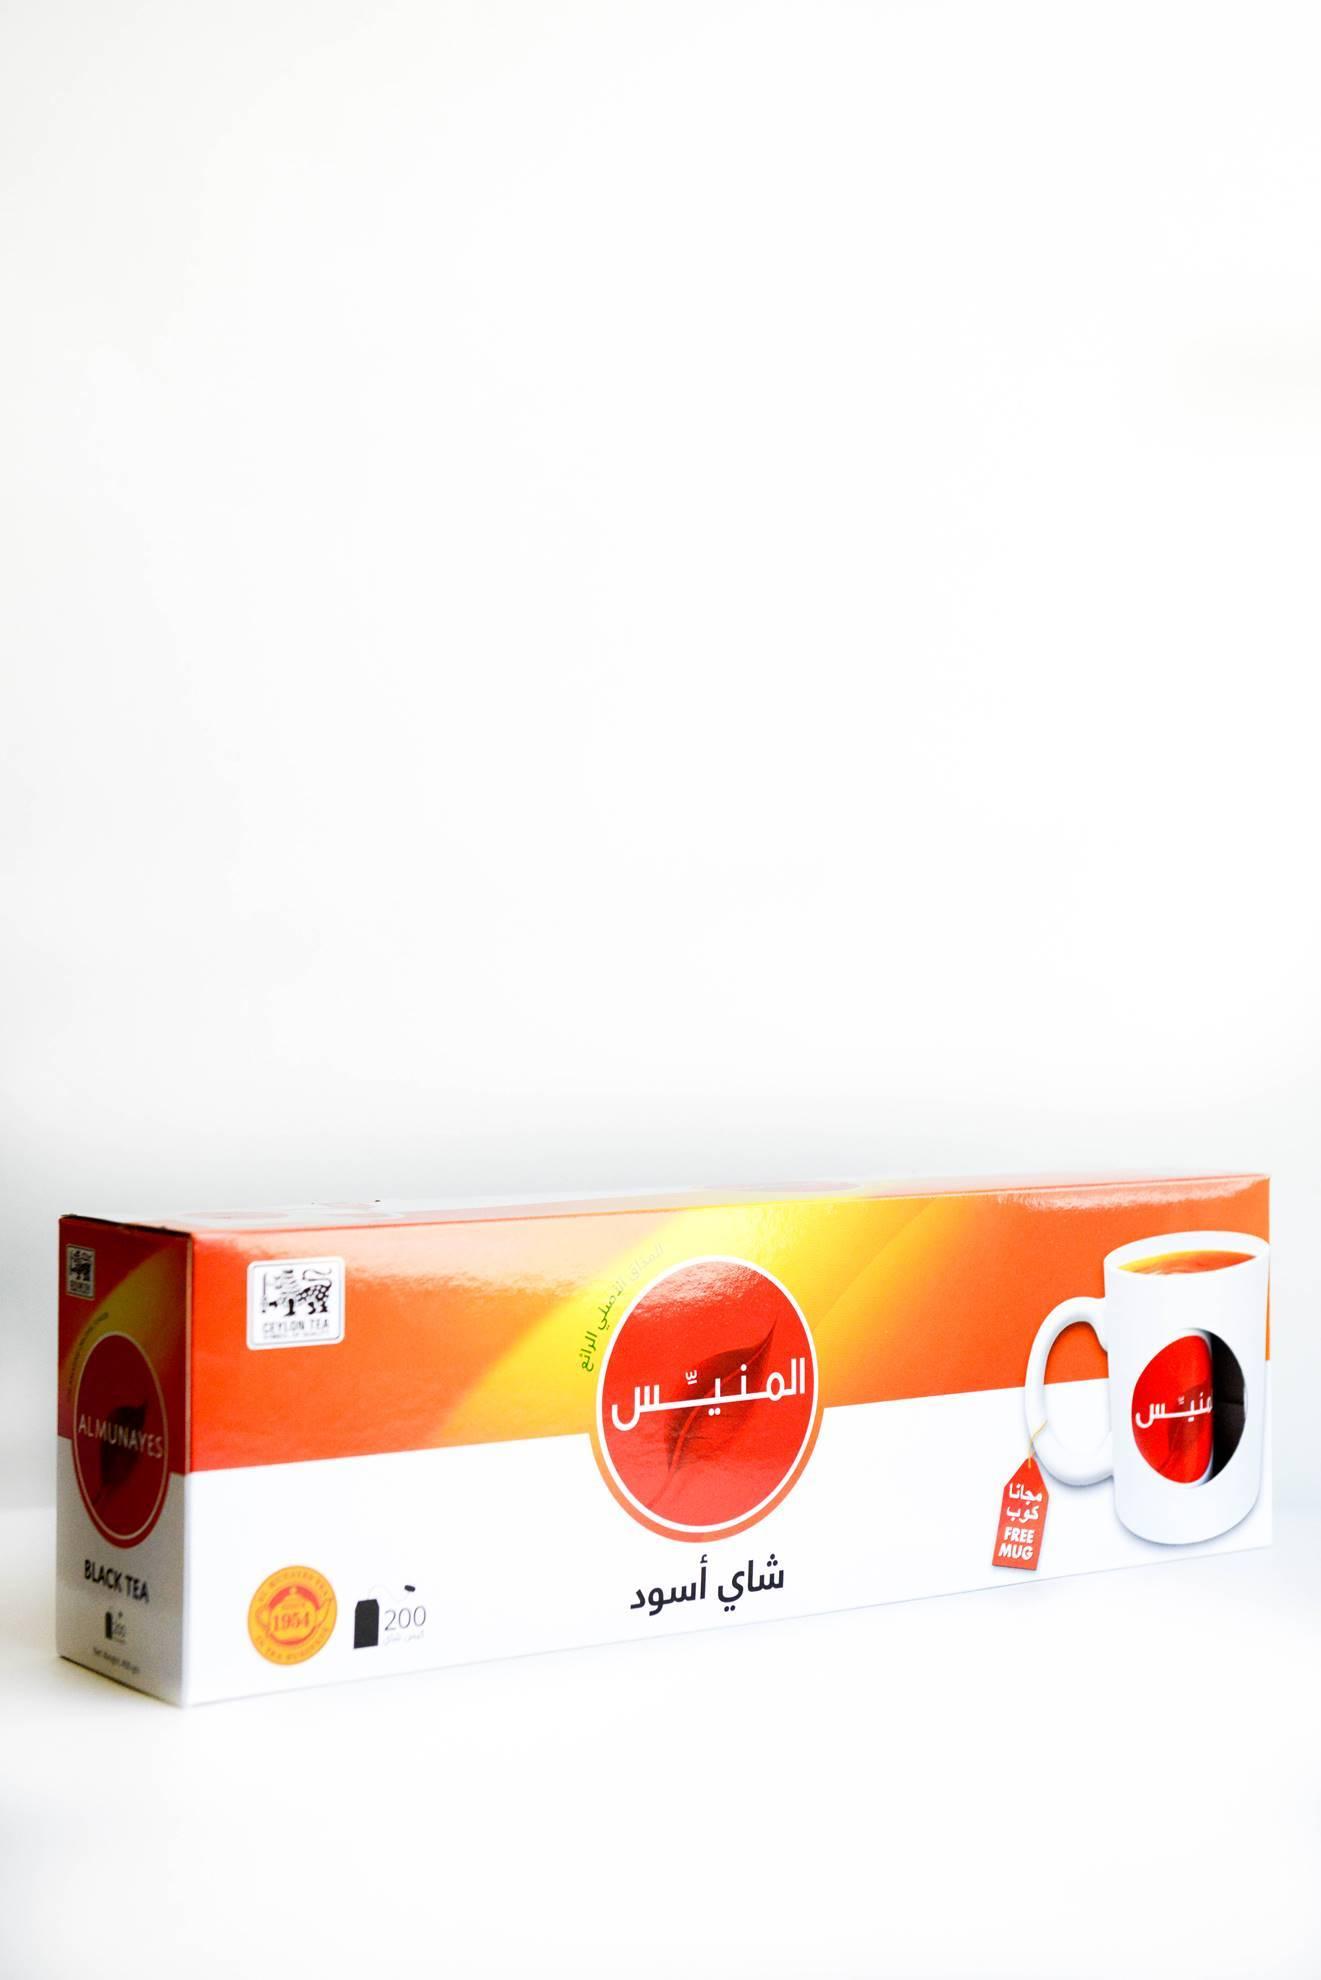 Picture of  Almunayes Black Tea 200 bags+ mug